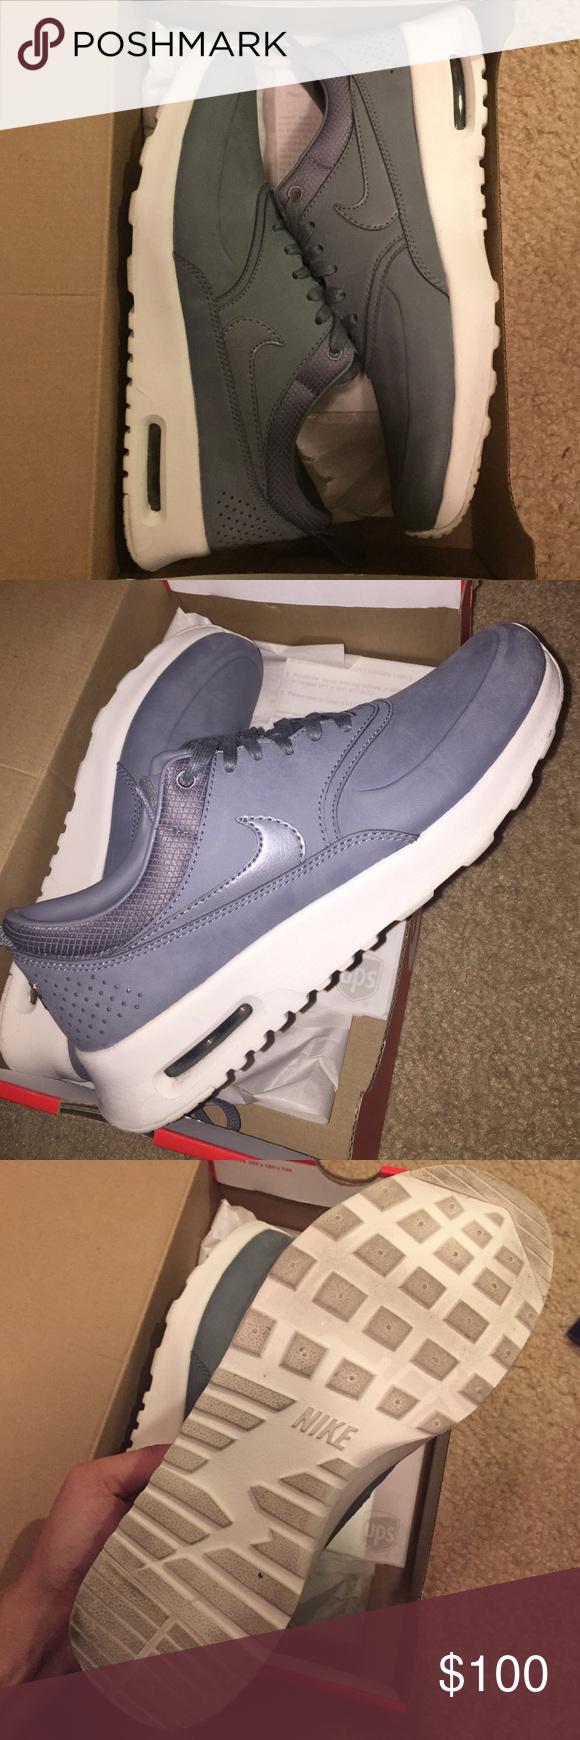 Nike Air Max Sneakers Women